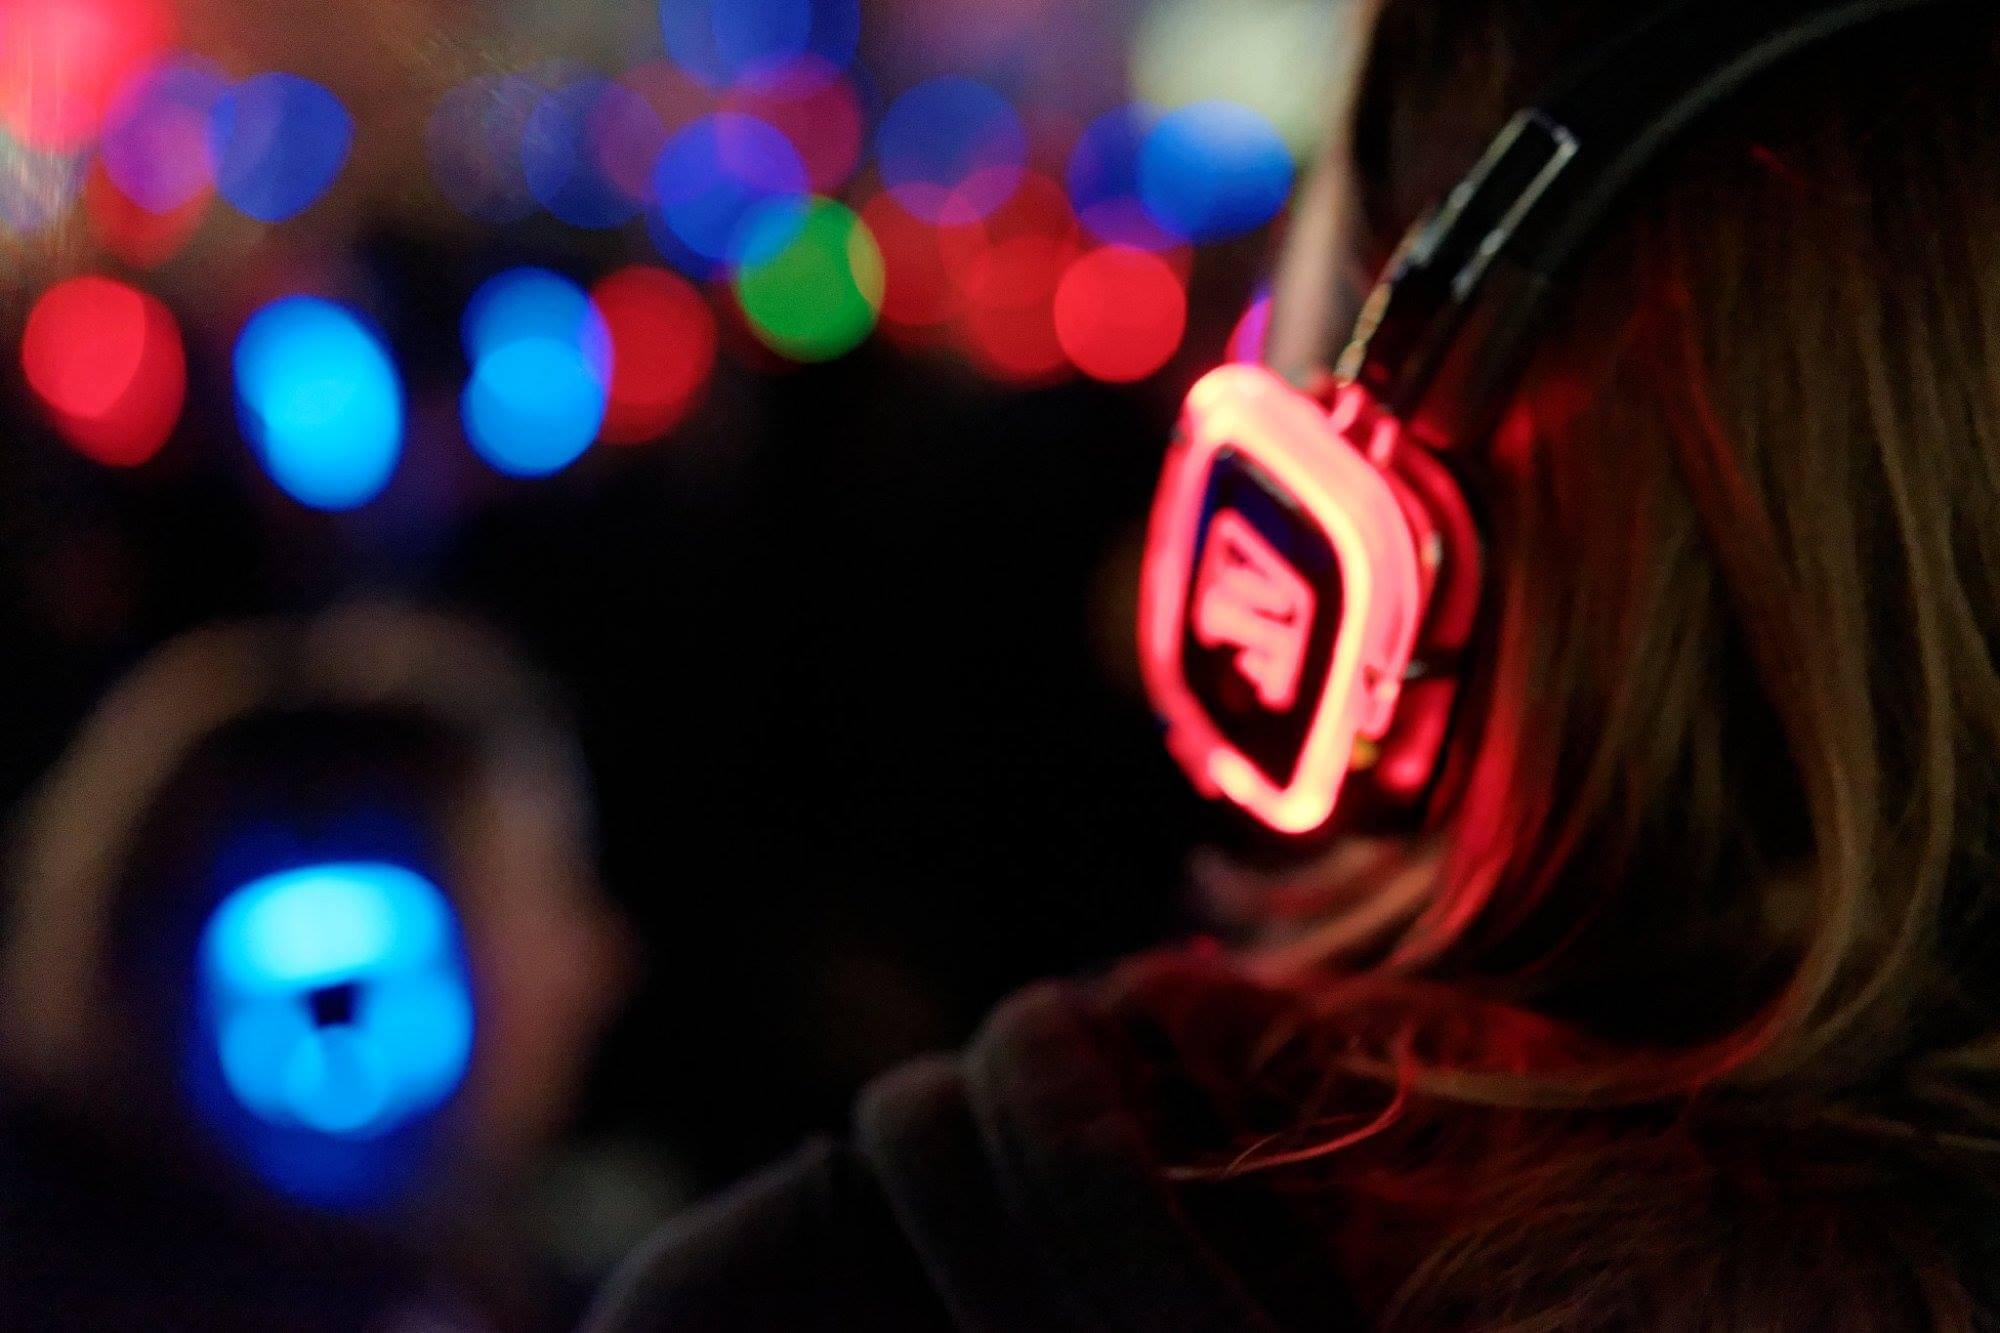 Kopfhörer auf & losfeiern! Bei der Heartphones-Party bekommst du Musik nach deinem Geschmack auf die Ohren. 😉